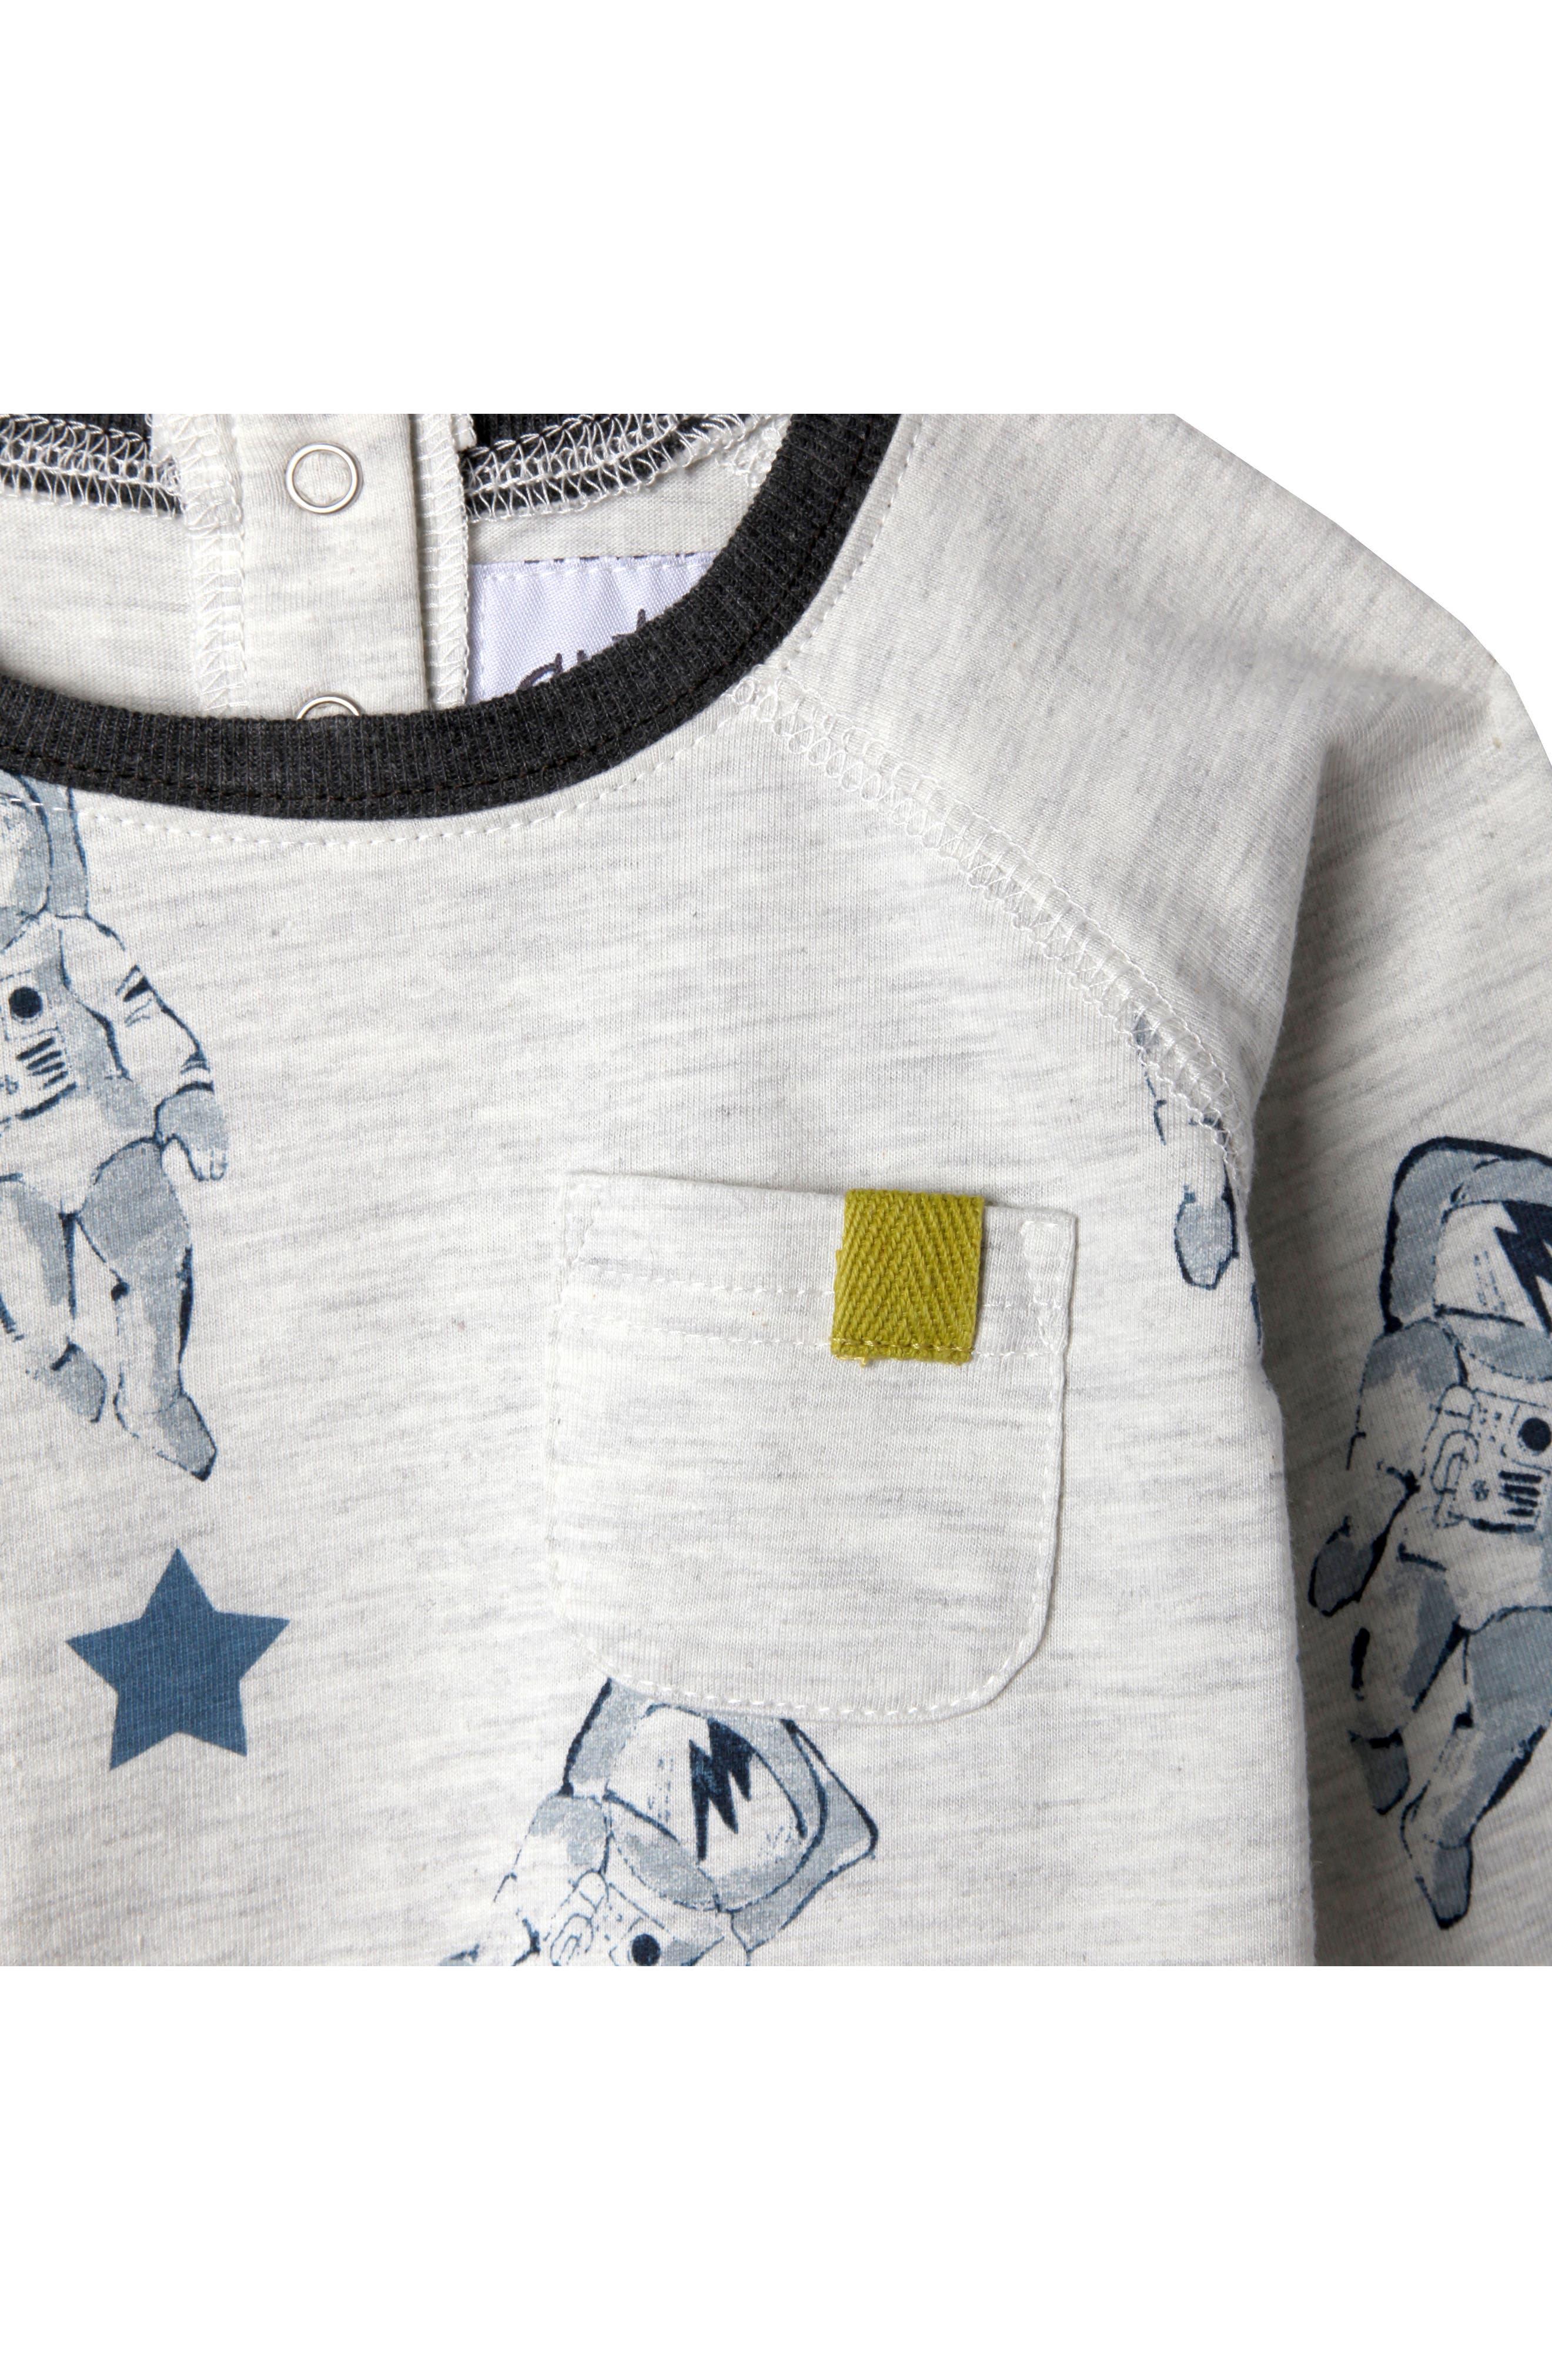 Jacob Organic Cotton T-Shirt,                             Alternate thumbnail 2, color,